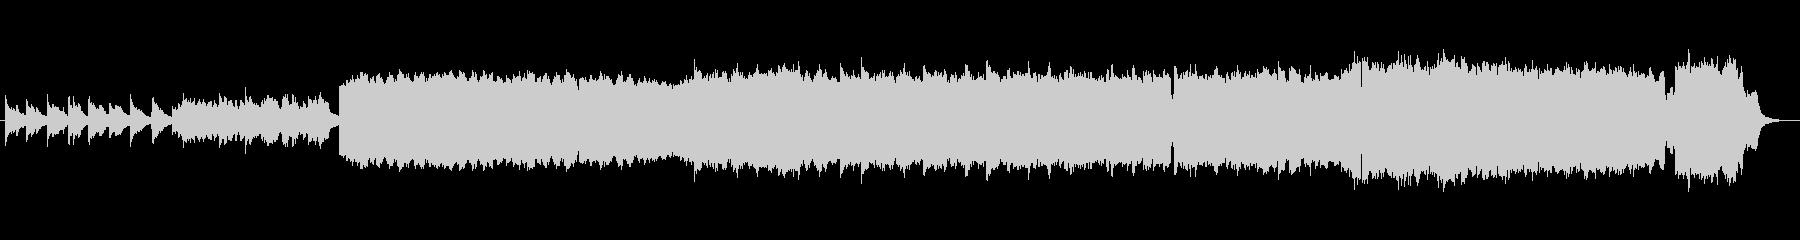 中世ルネサンス調古楽器のオリジナル曲の未再生の波形